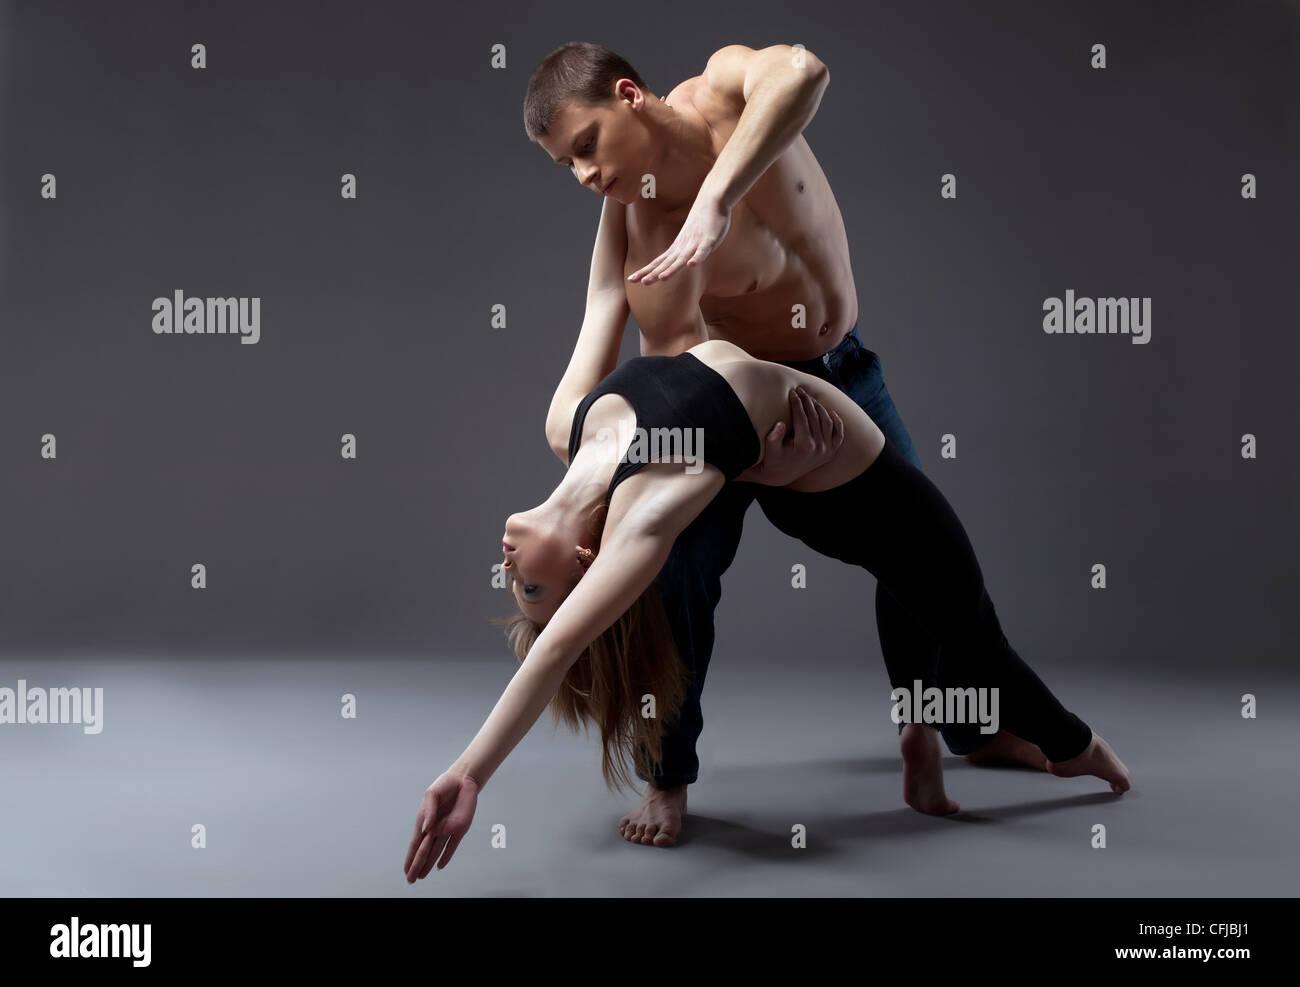 Pareja de jóvenes gimnasta posando en danza aislado Foto de stock